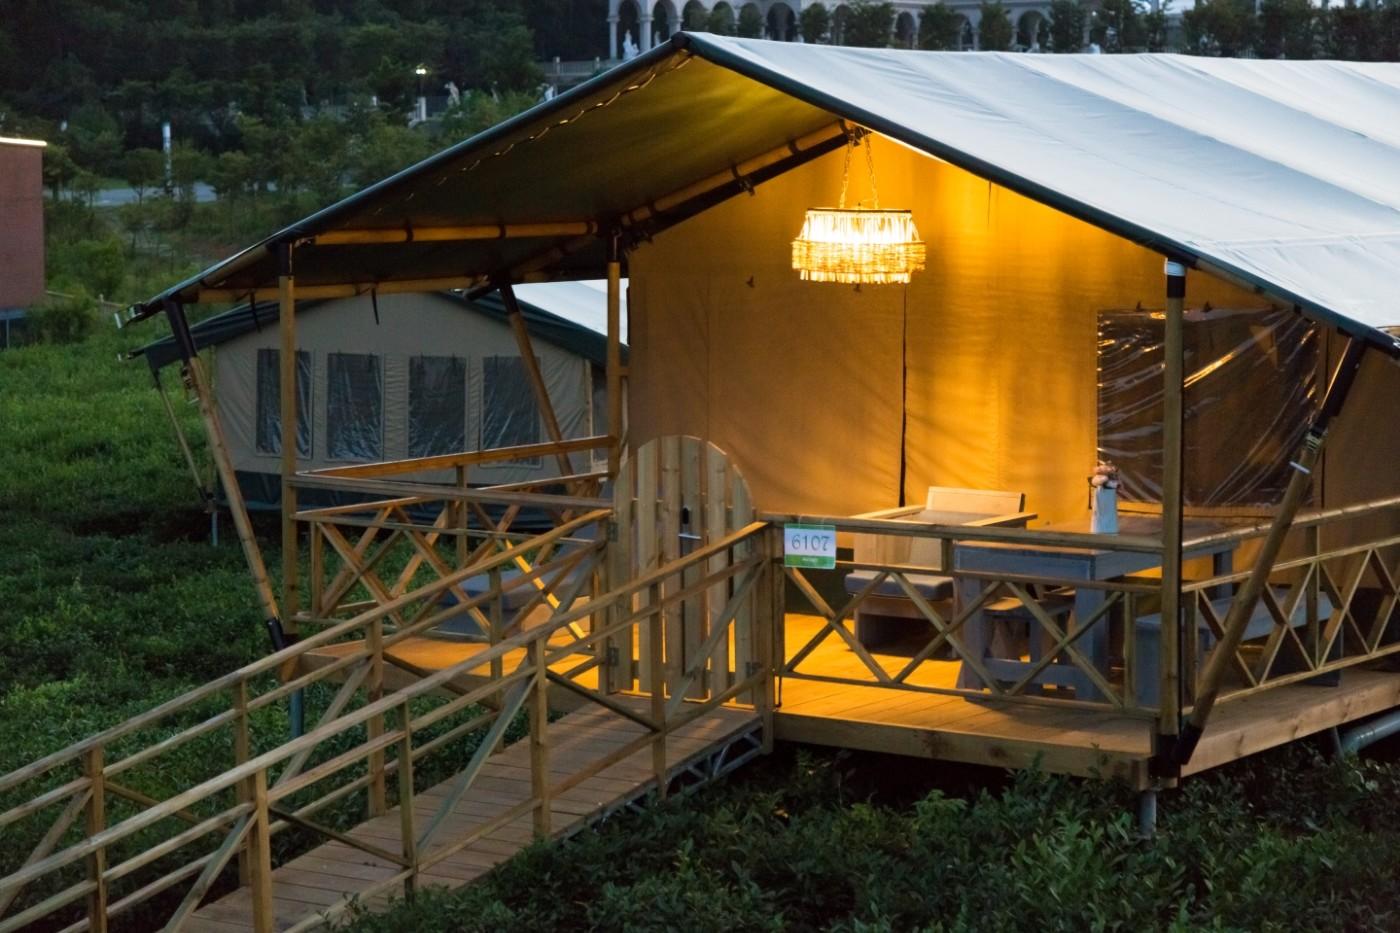 江苏常州茅山宝盛园坡地帐篷酒店26